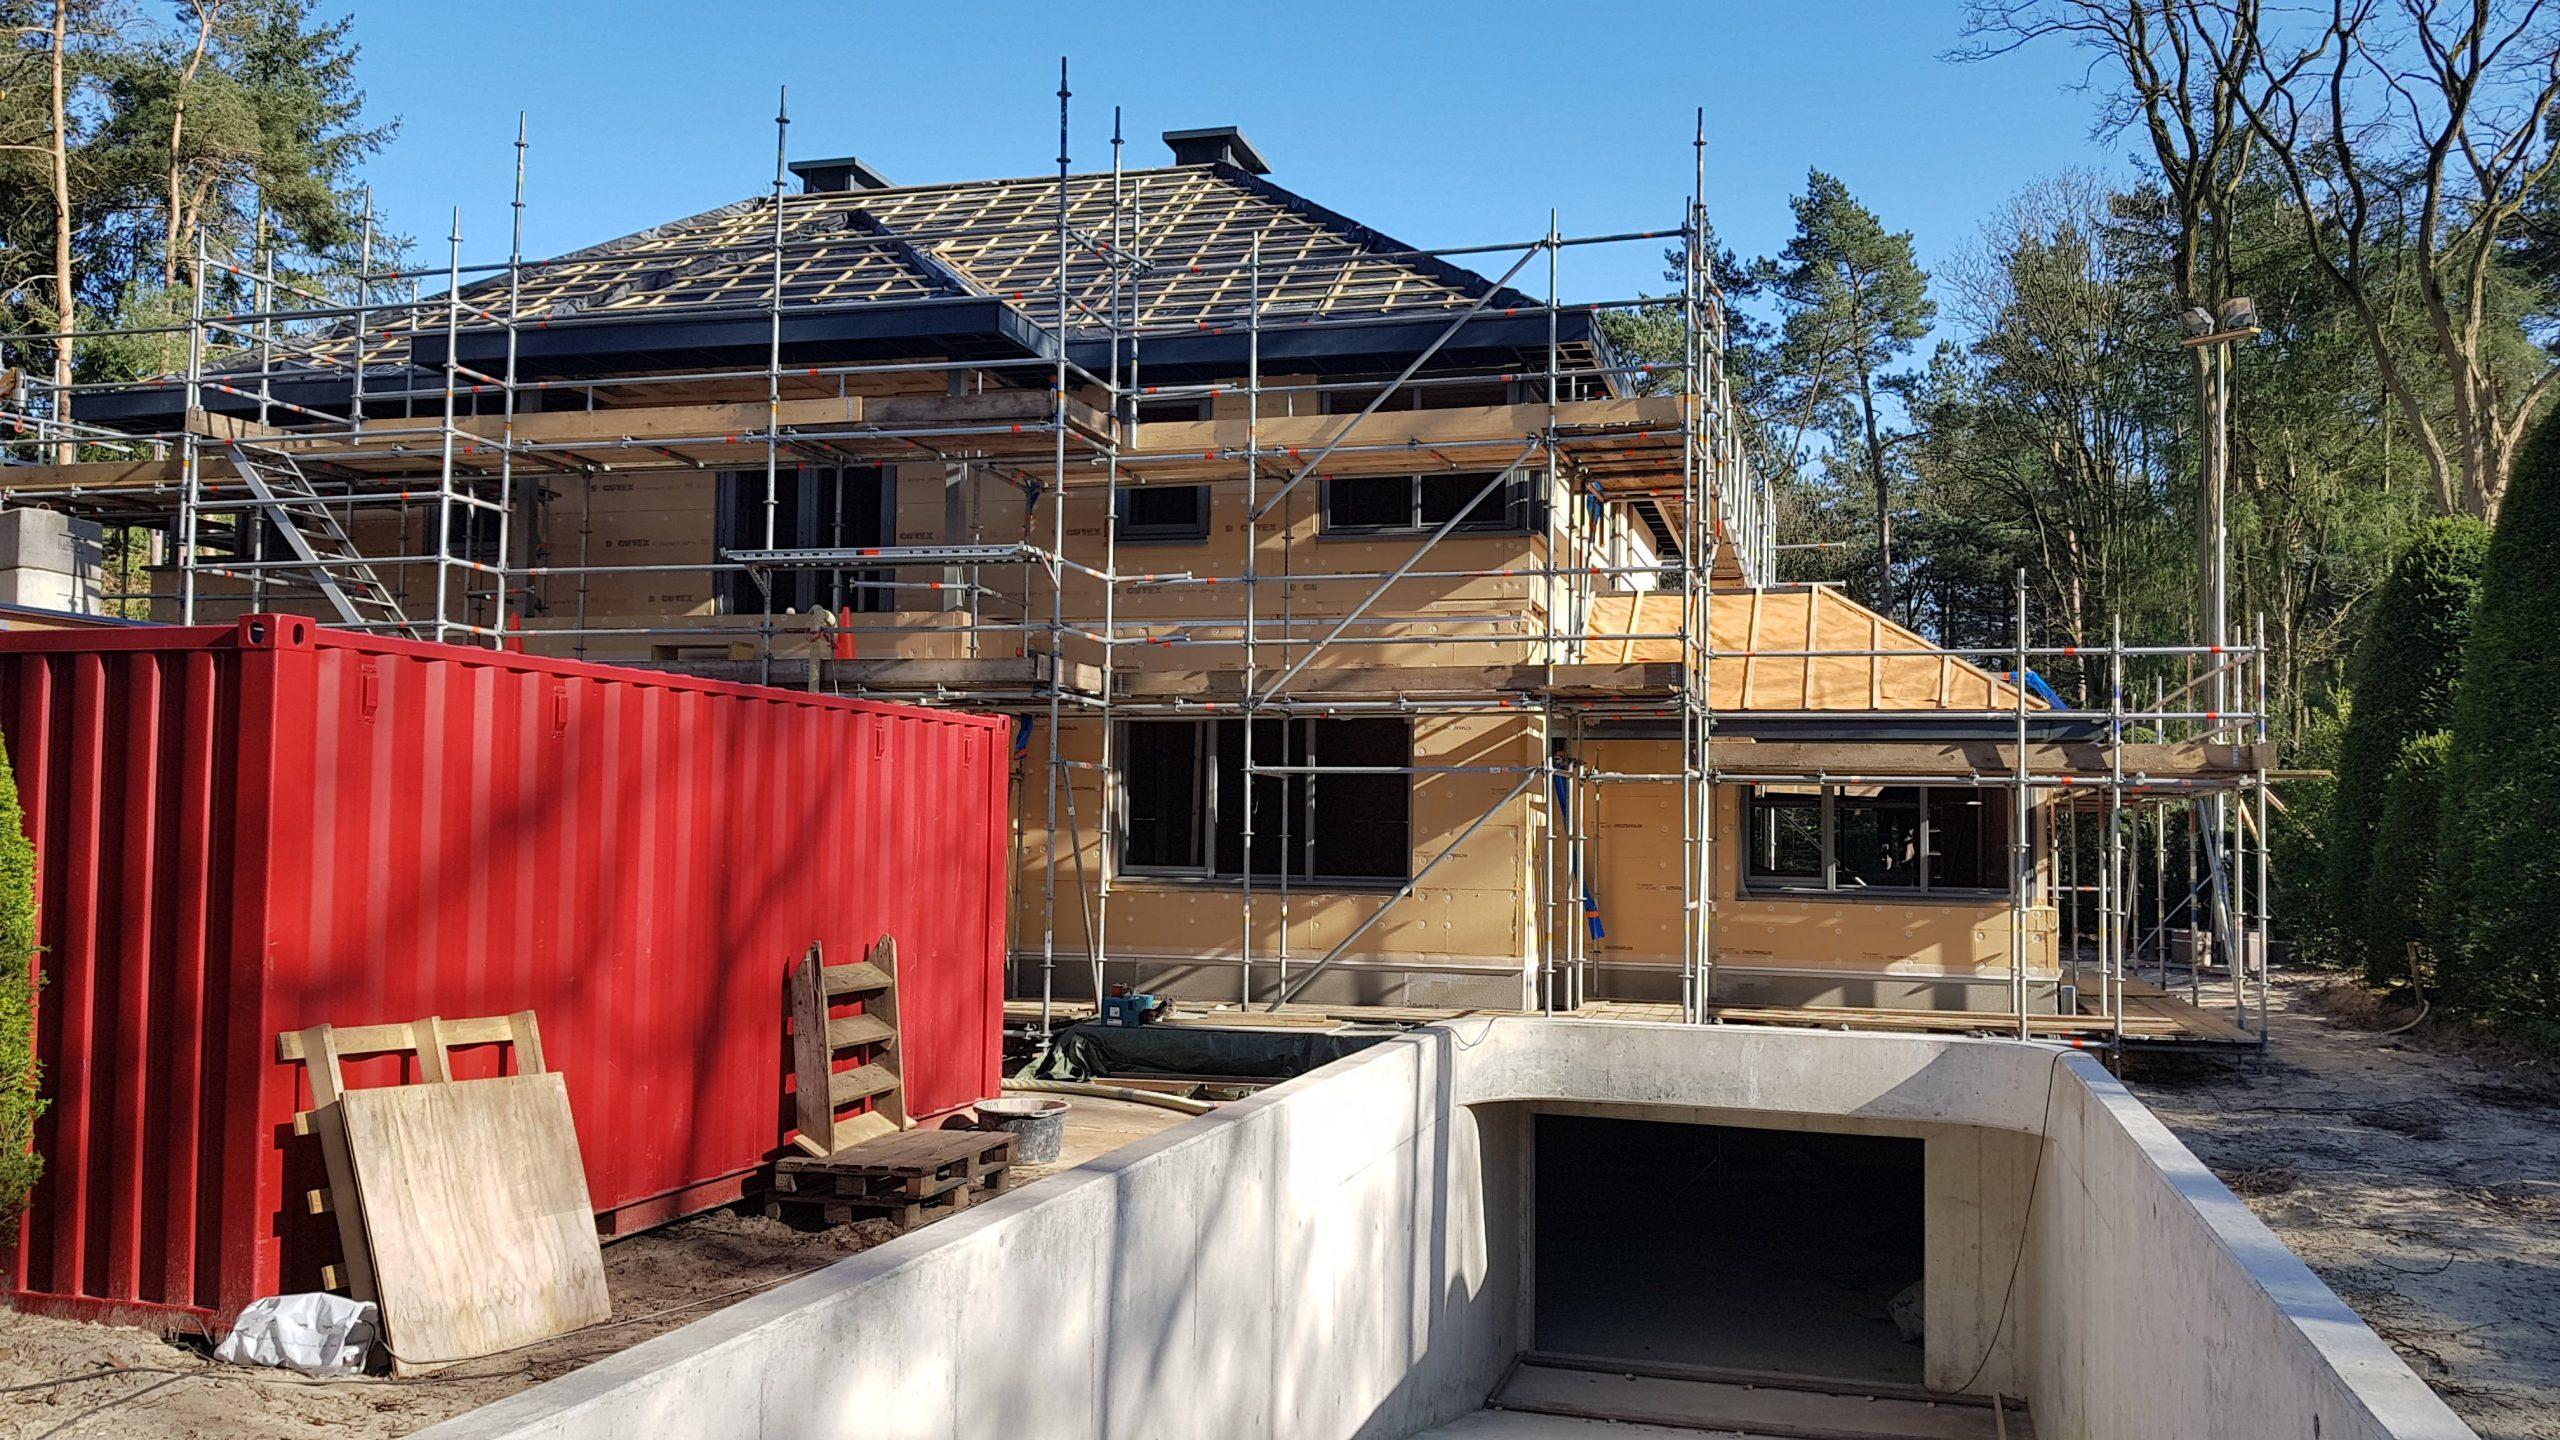 De voorgevel van de villa in Driebergen met de inrit naar de parkeerkelder.